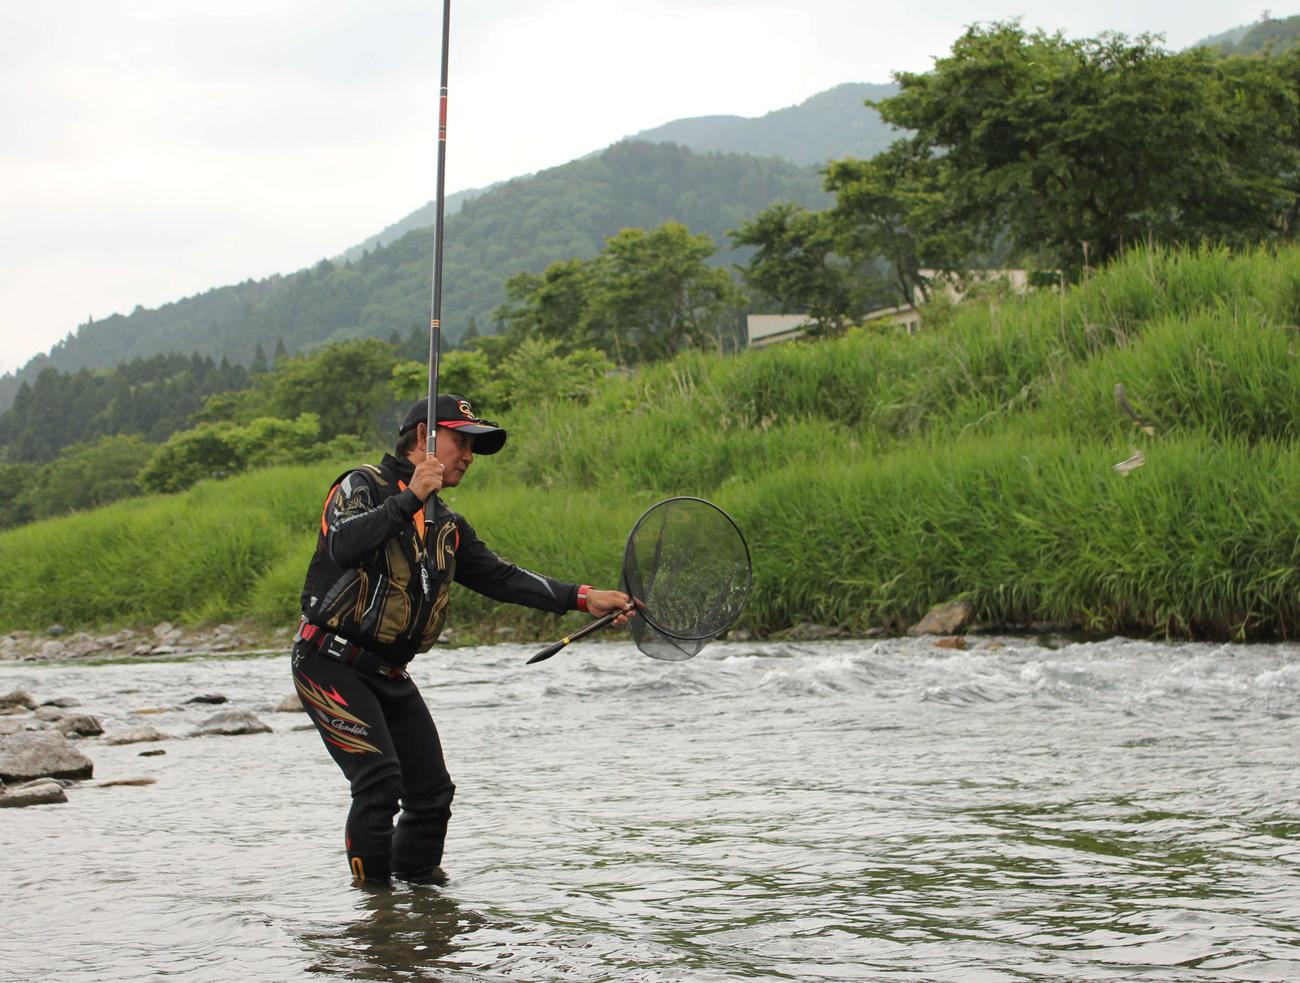 止め泳がせ釣りで野アユを連発させる筆者